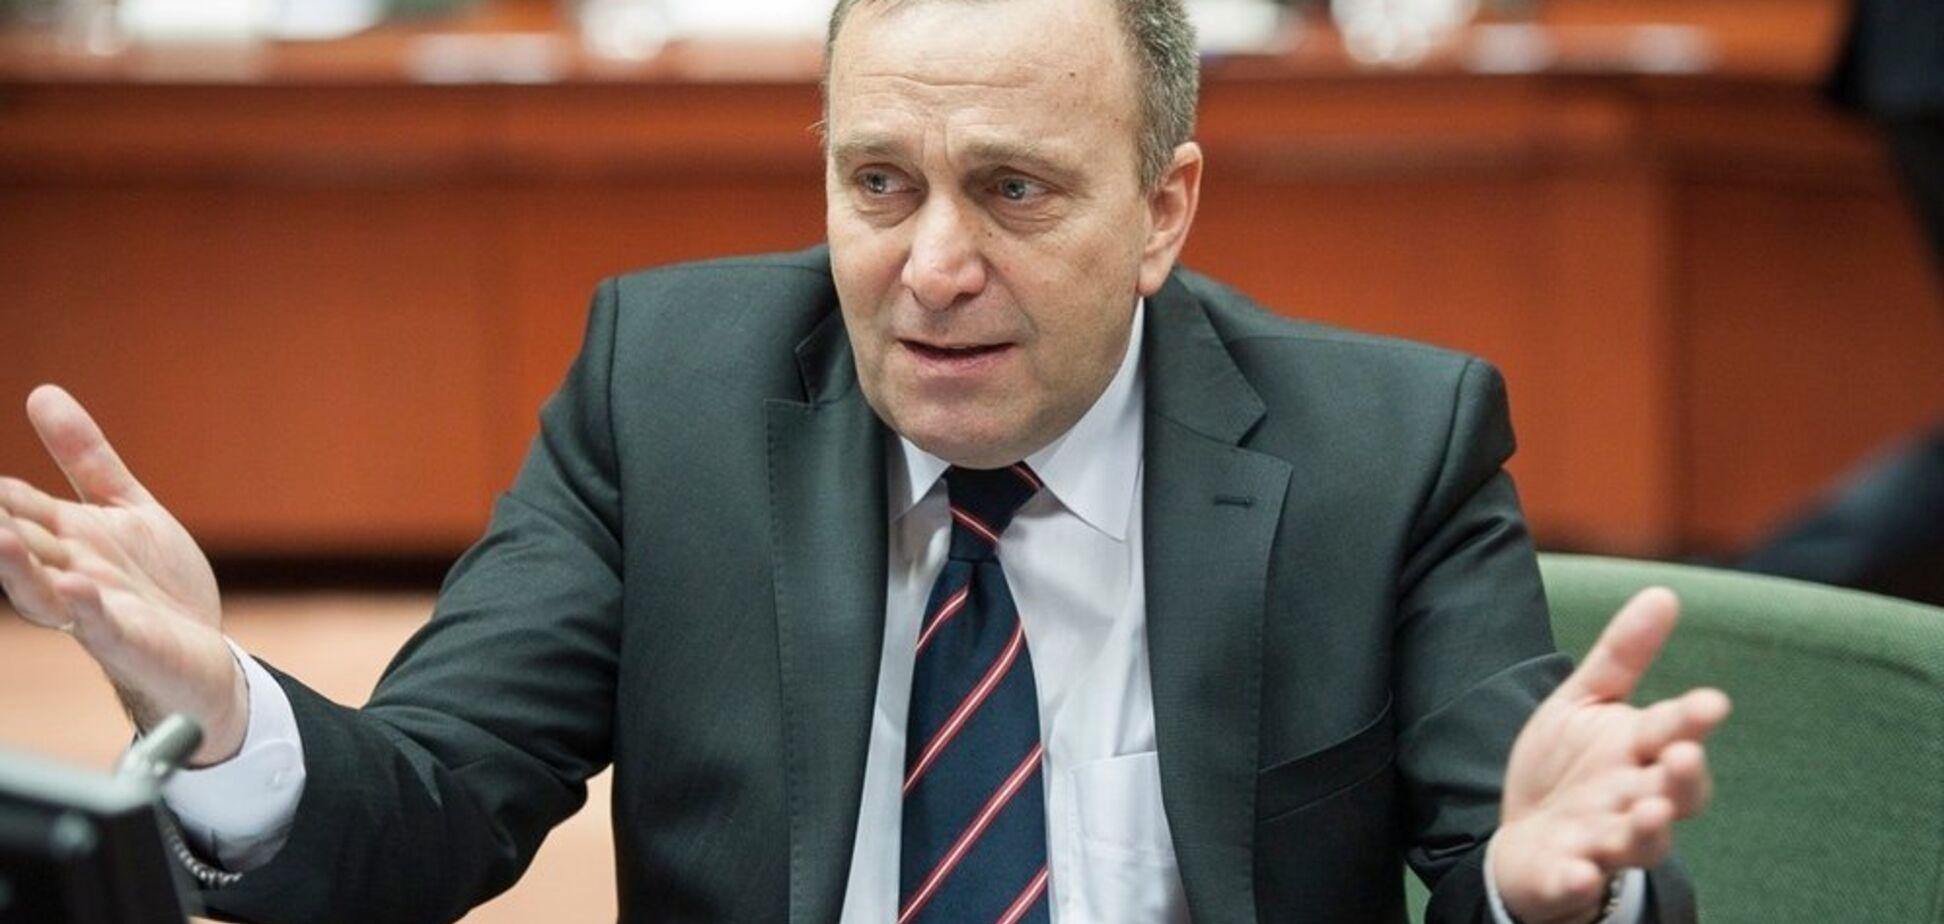 'Это Украина Януковича!' Польский оппозиционер сделал скандальное заявление